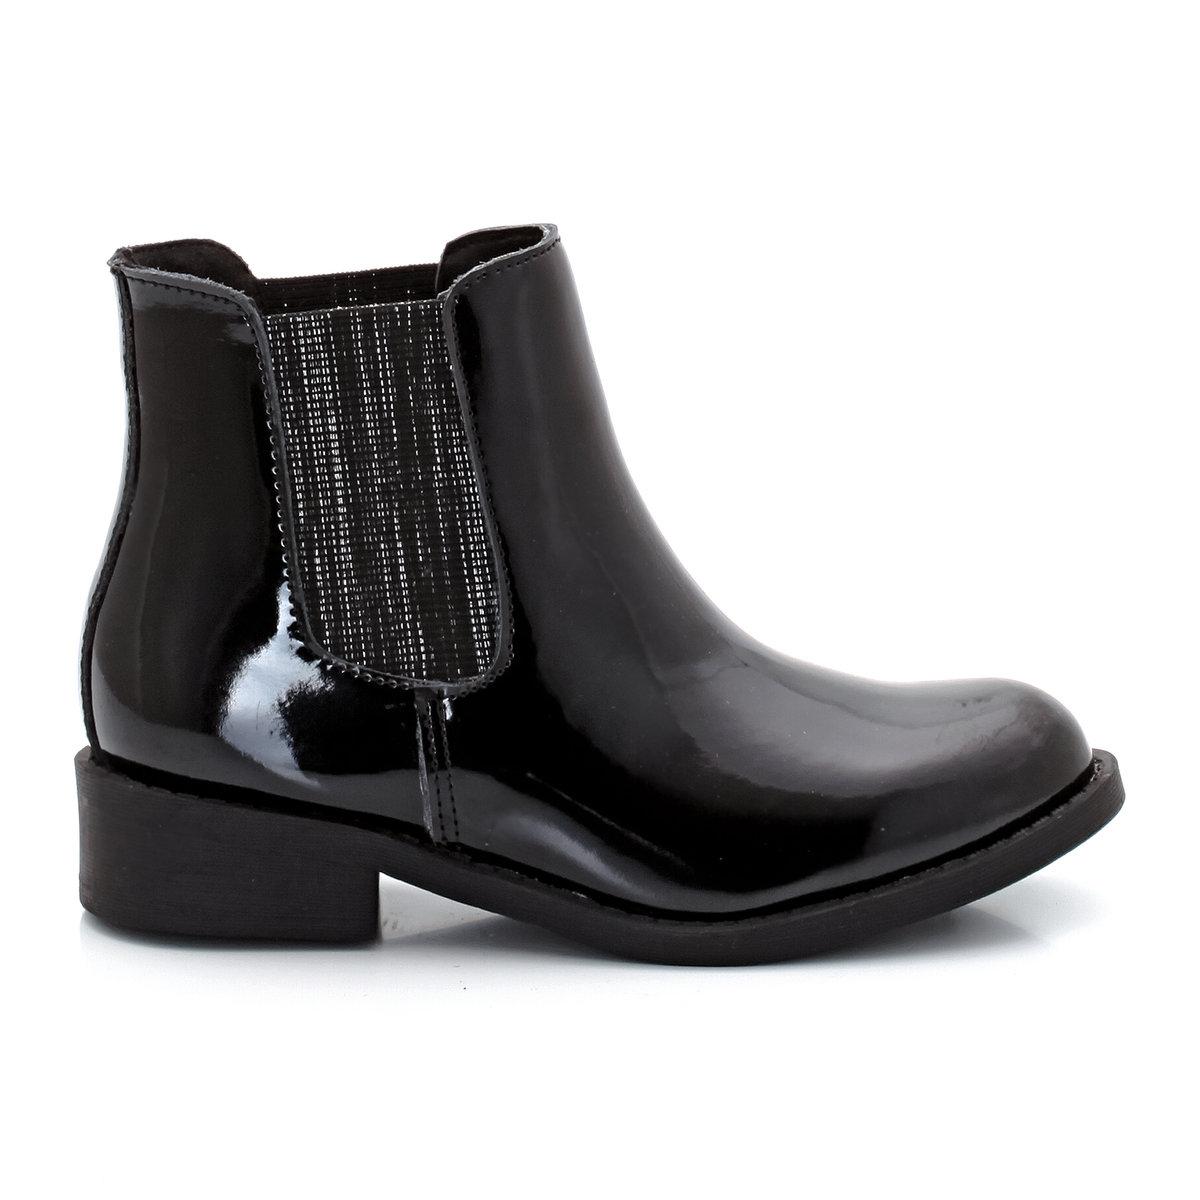 Ботинки-челси лакированныеПреимущества: : лакированная кожа подчеркивает стиль этих модных ботинок-челси, они легко надеваются благодаря эластичным металлизированным вставкам по бокамЭто модель для широкой стопы, поэтому мы советуем вам заказать ее на размер меньше вашего обычного размера.<br><br>Цвет: черный лак<br>Размер: 28